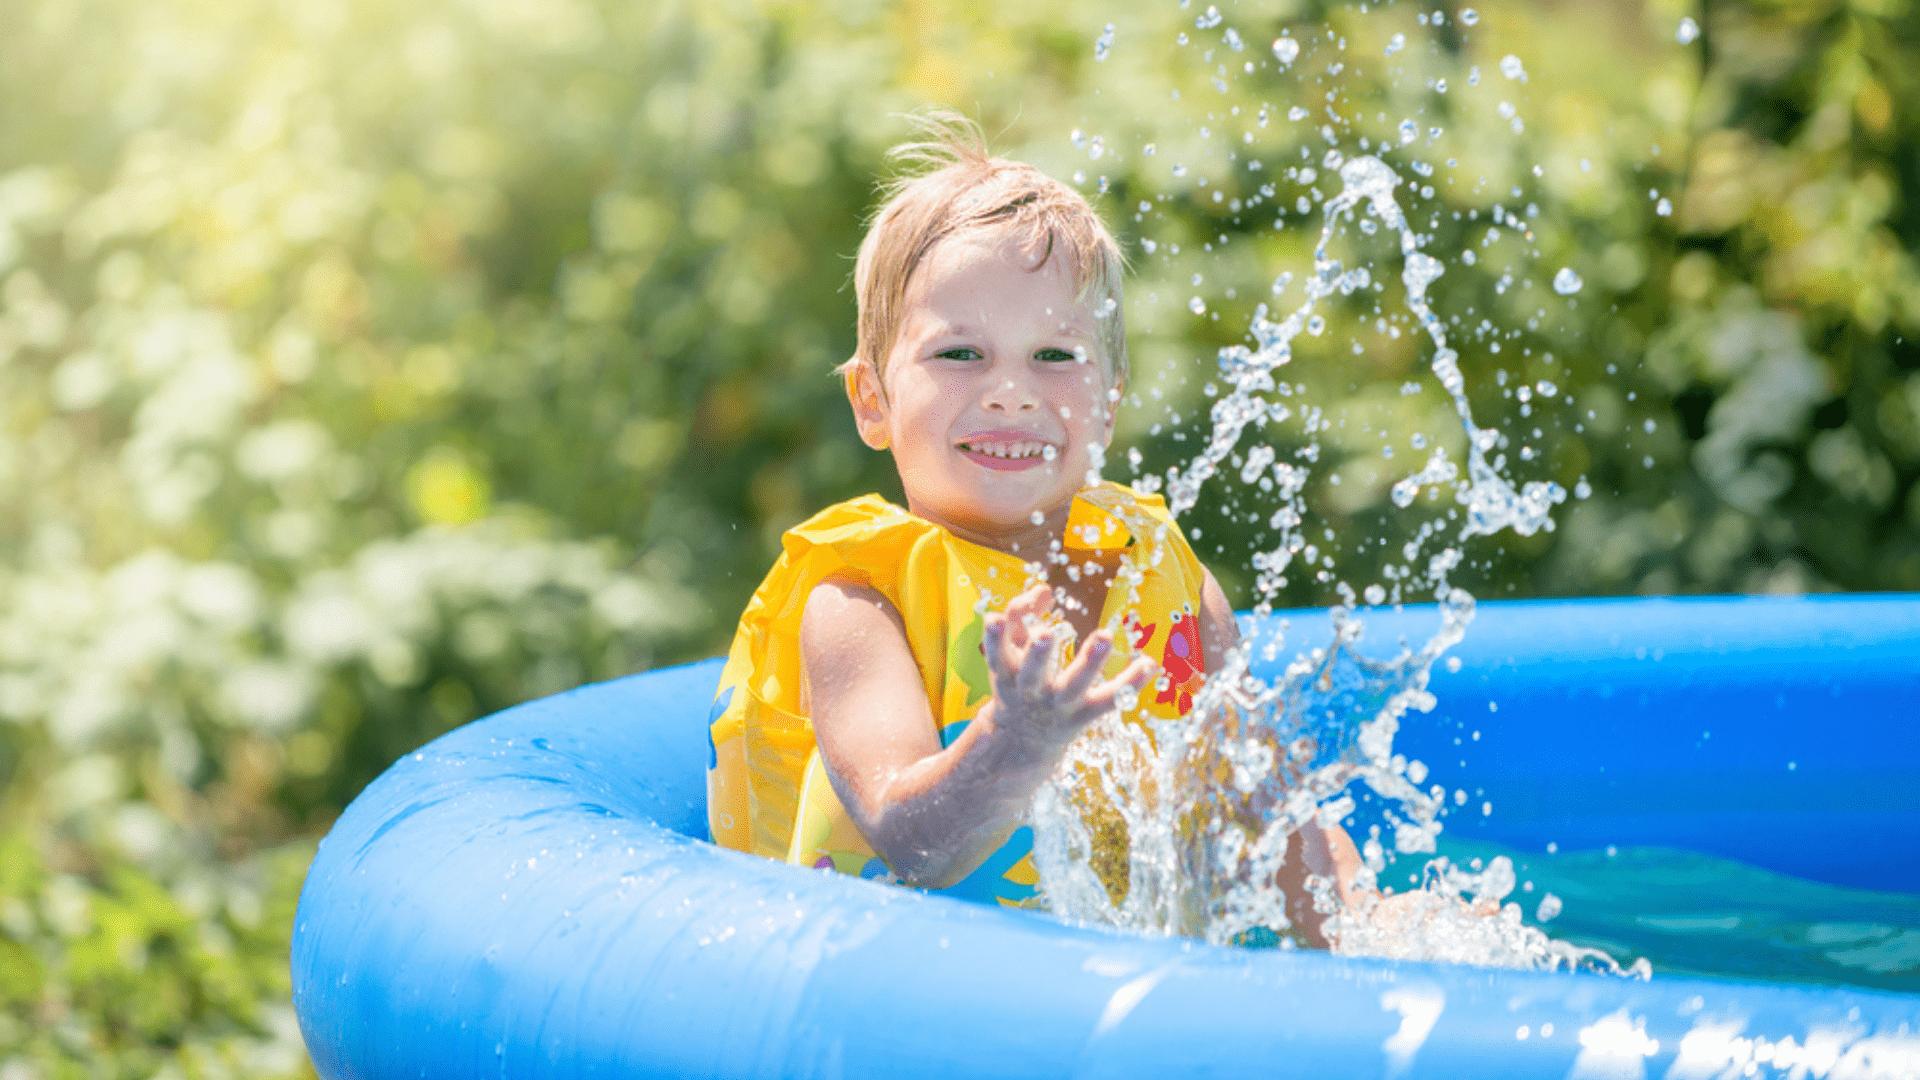 Veja quais foram as piscinas mais vendidas no Zoom em janeiro de 2021! (Imagem: Reprodução/Shutterstock)